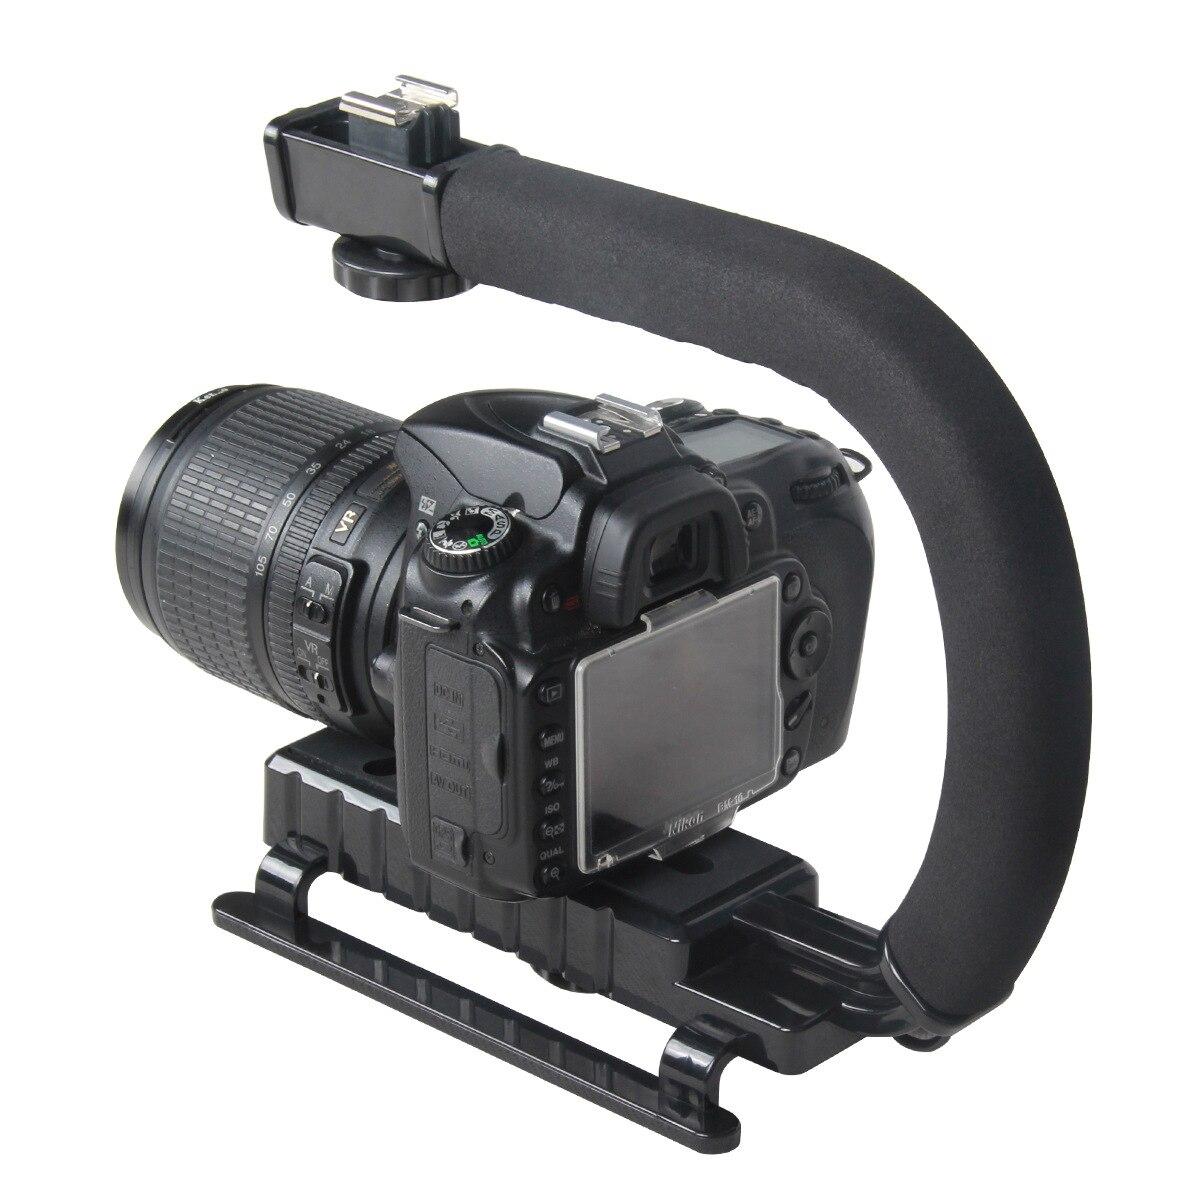 C en forma de soporte de Video de cardán estabilizador para DSLR cámara Nikon Canon Sony y Luz Portátil Steadicam para Gopro